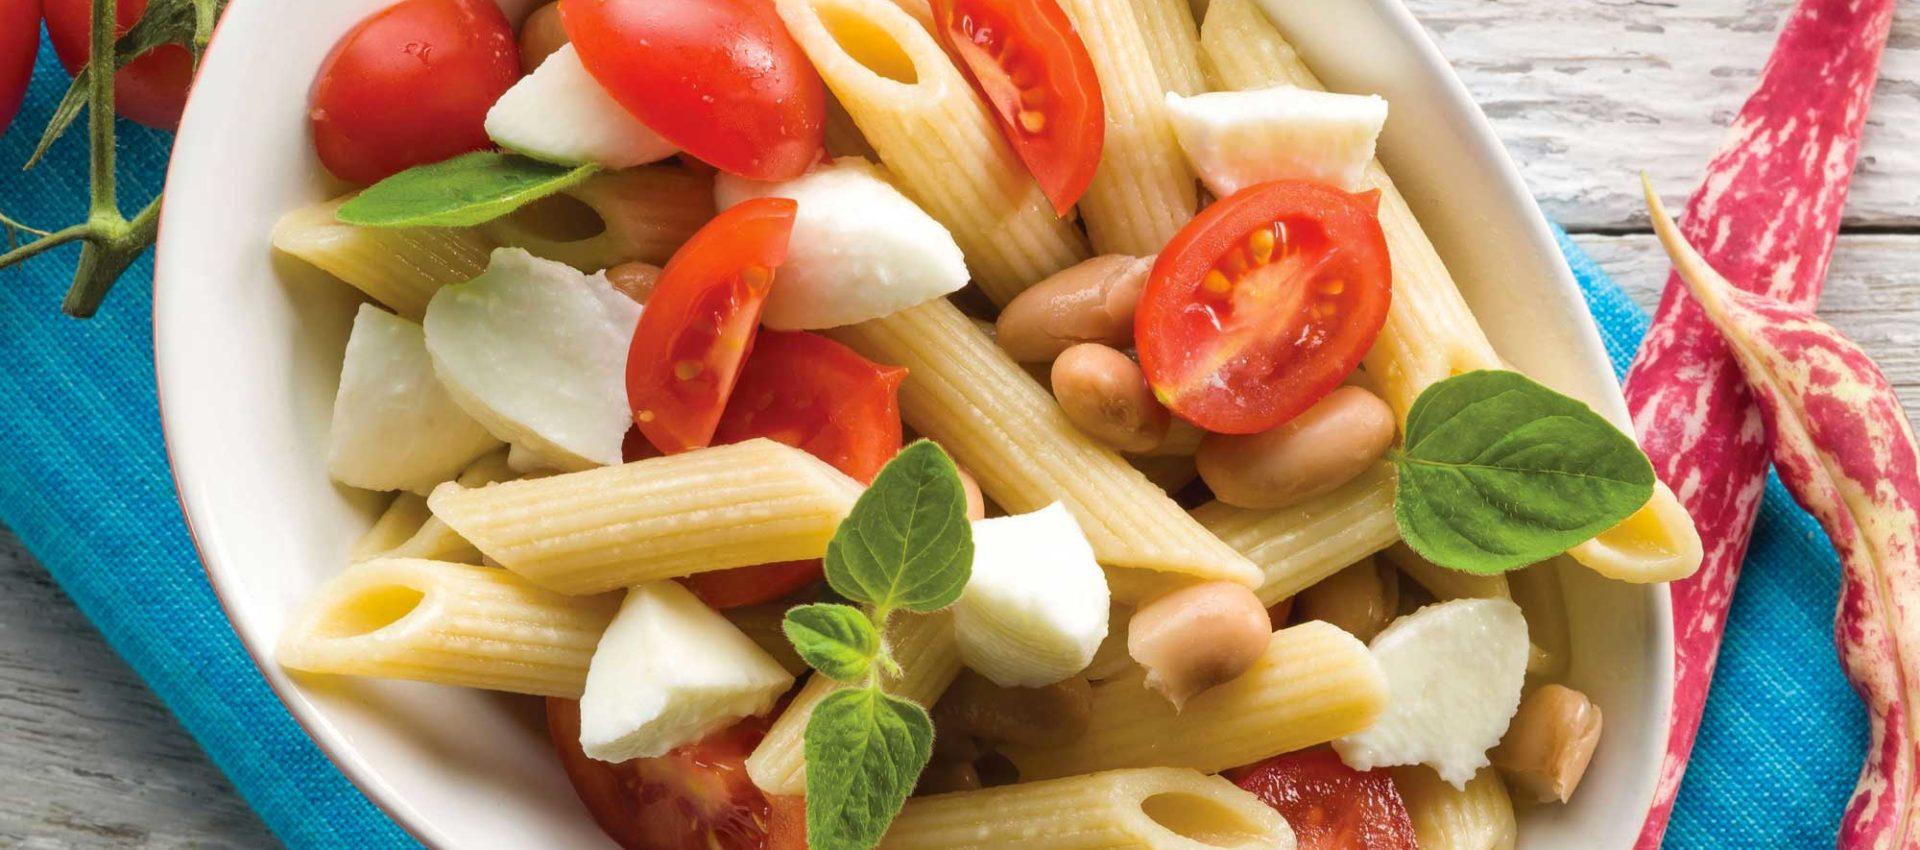 Pasta con mozzarella, tomates cereza y aceitunas